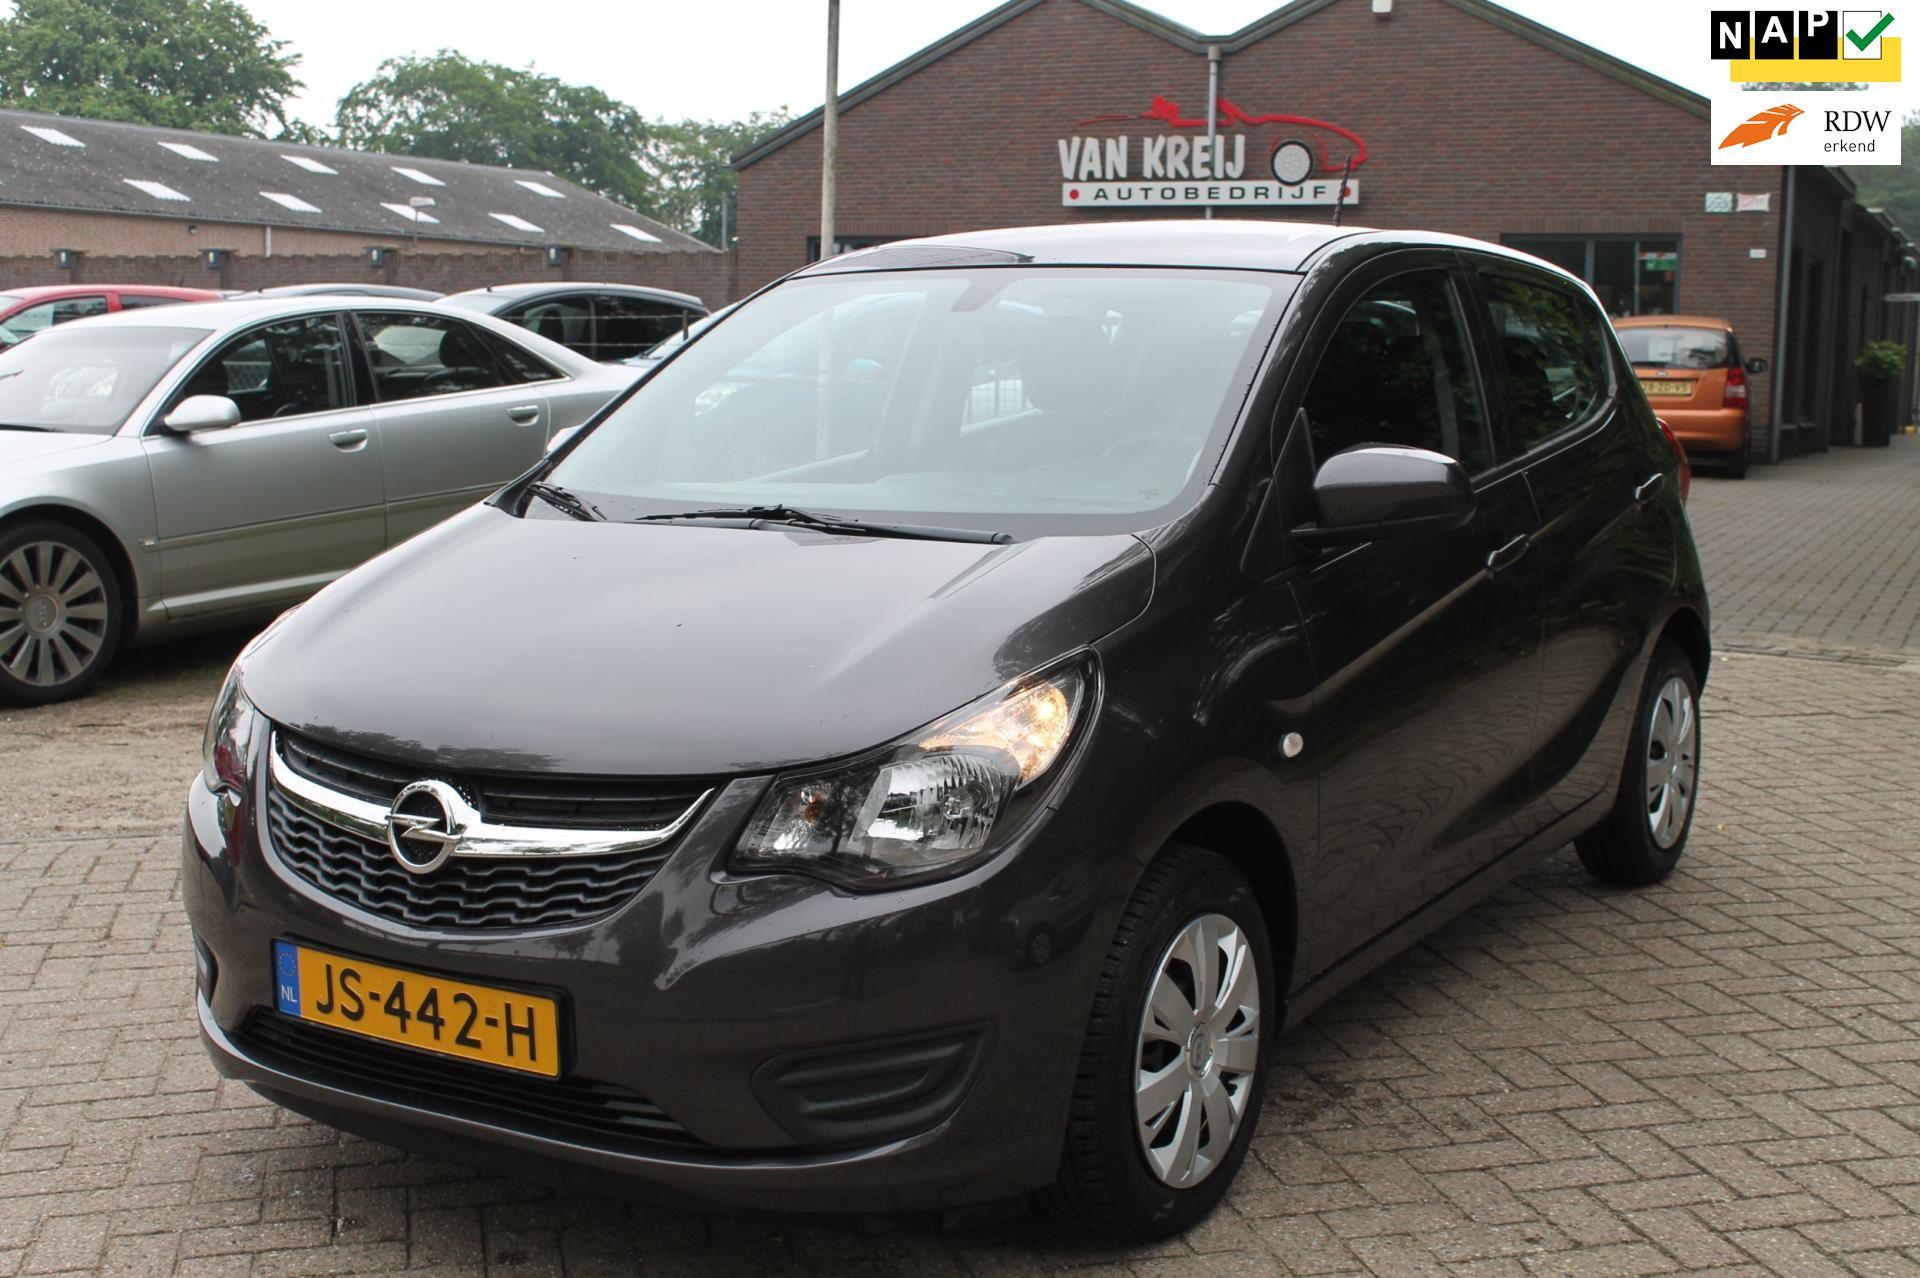 Opel KARL occasion - Van Kreij Autobedrijf